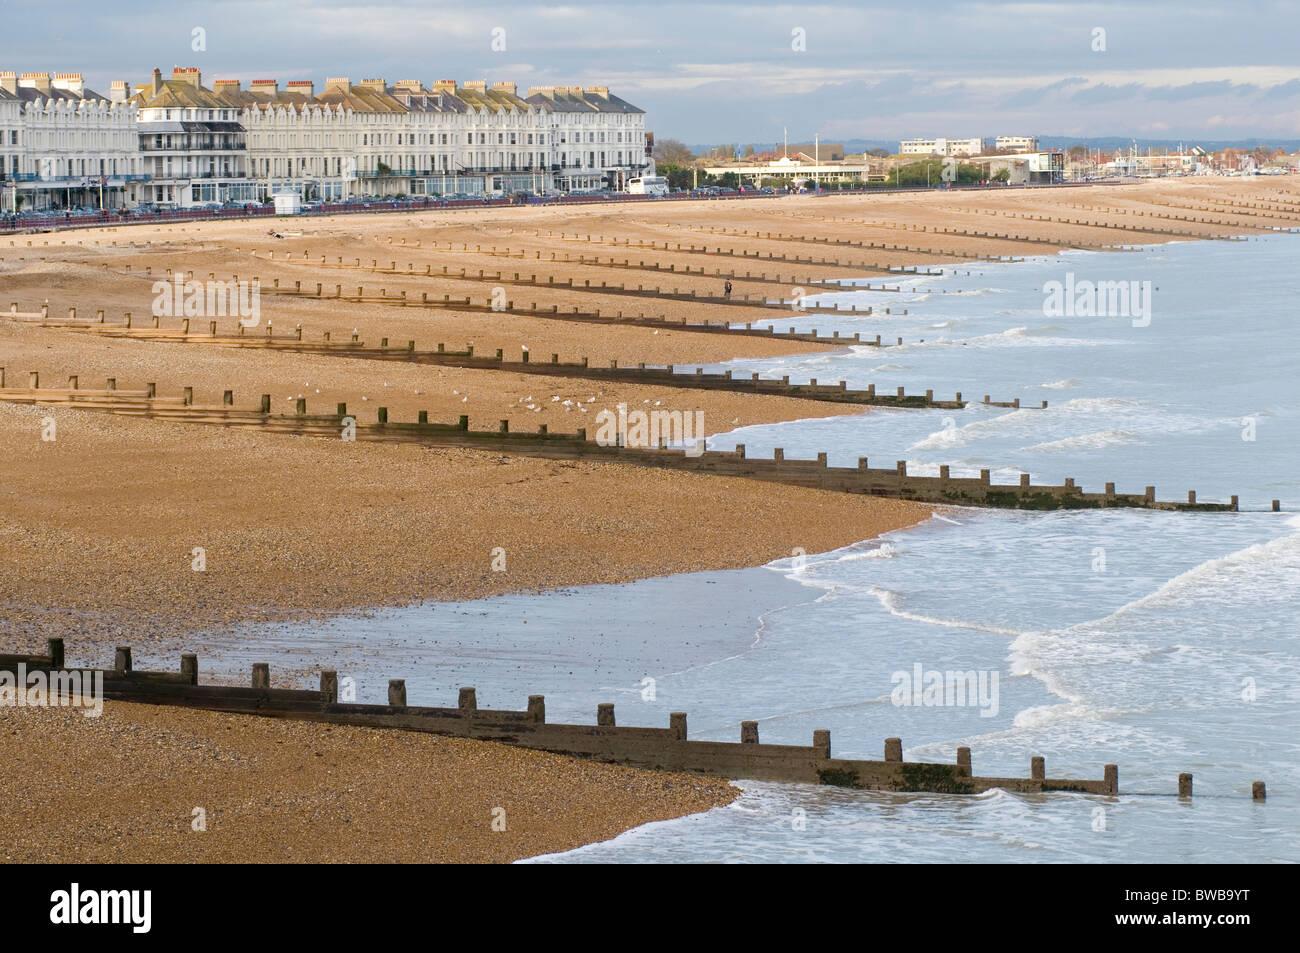 breakwater breakwaters break water waters groins hastings beach east sussex uk pebble pebbles pebbley beach beaches - Stock Image